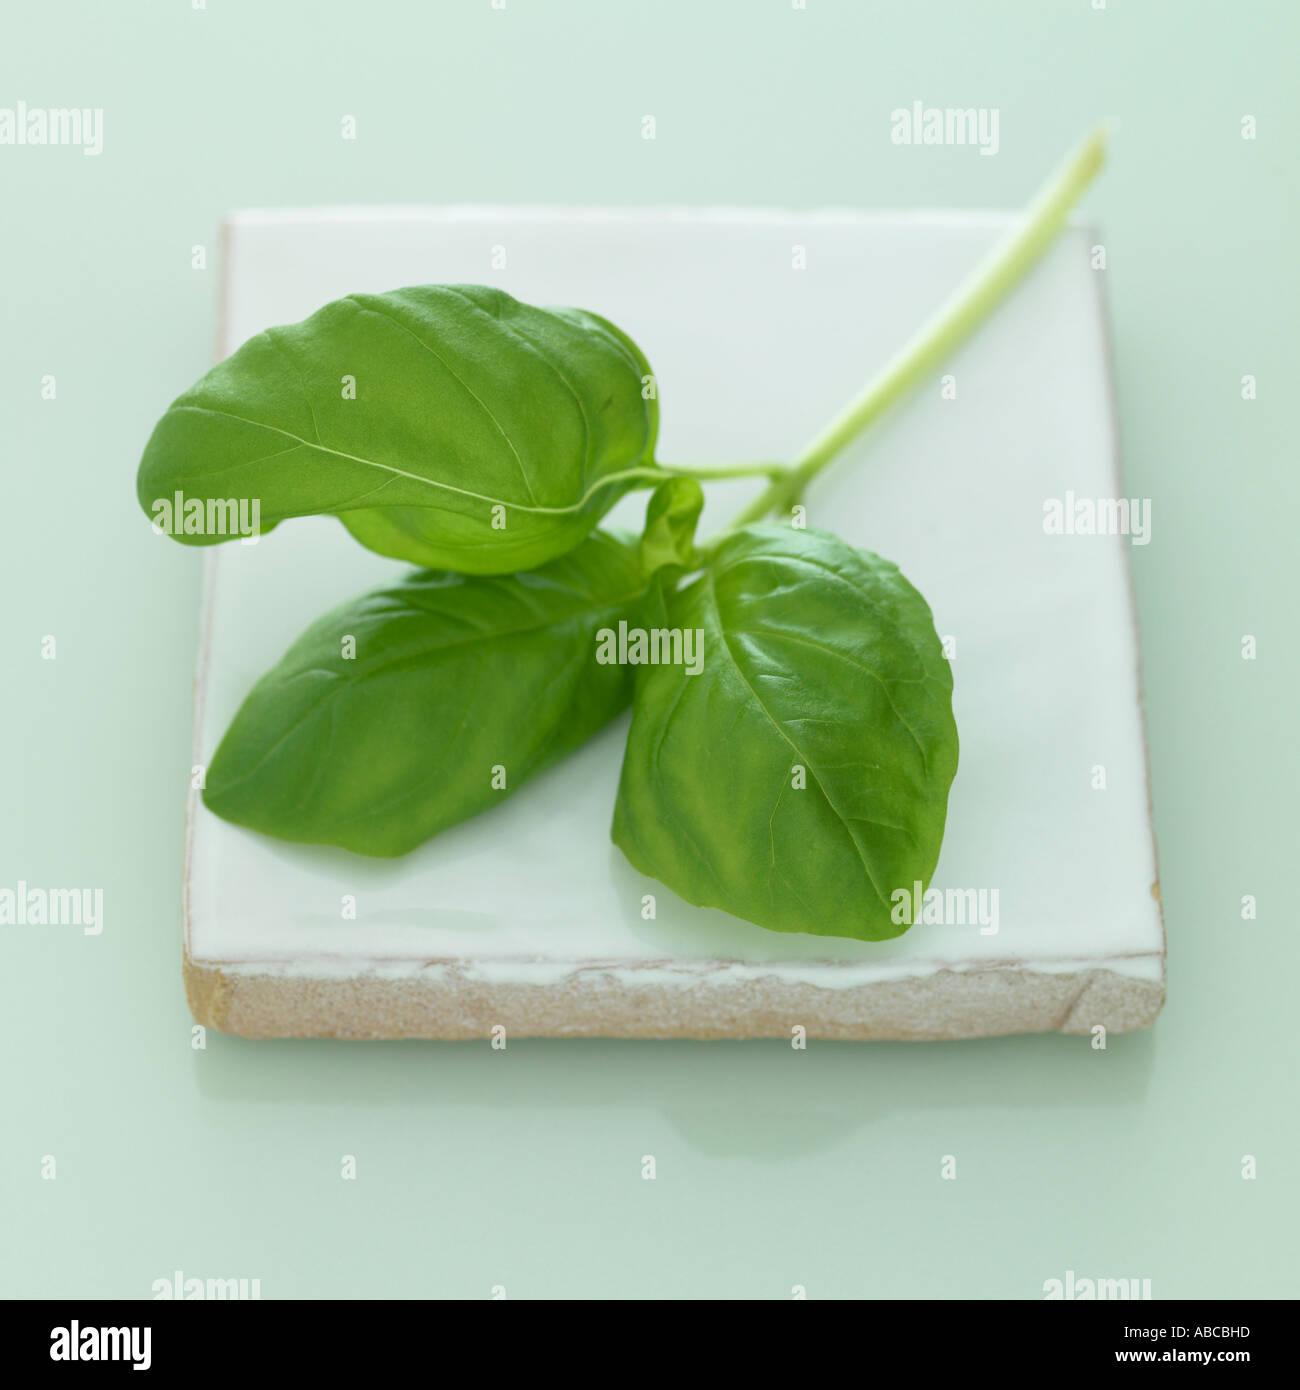 Albahaca - un conjunto de imágenes de hierbas similares Imagen De Stock